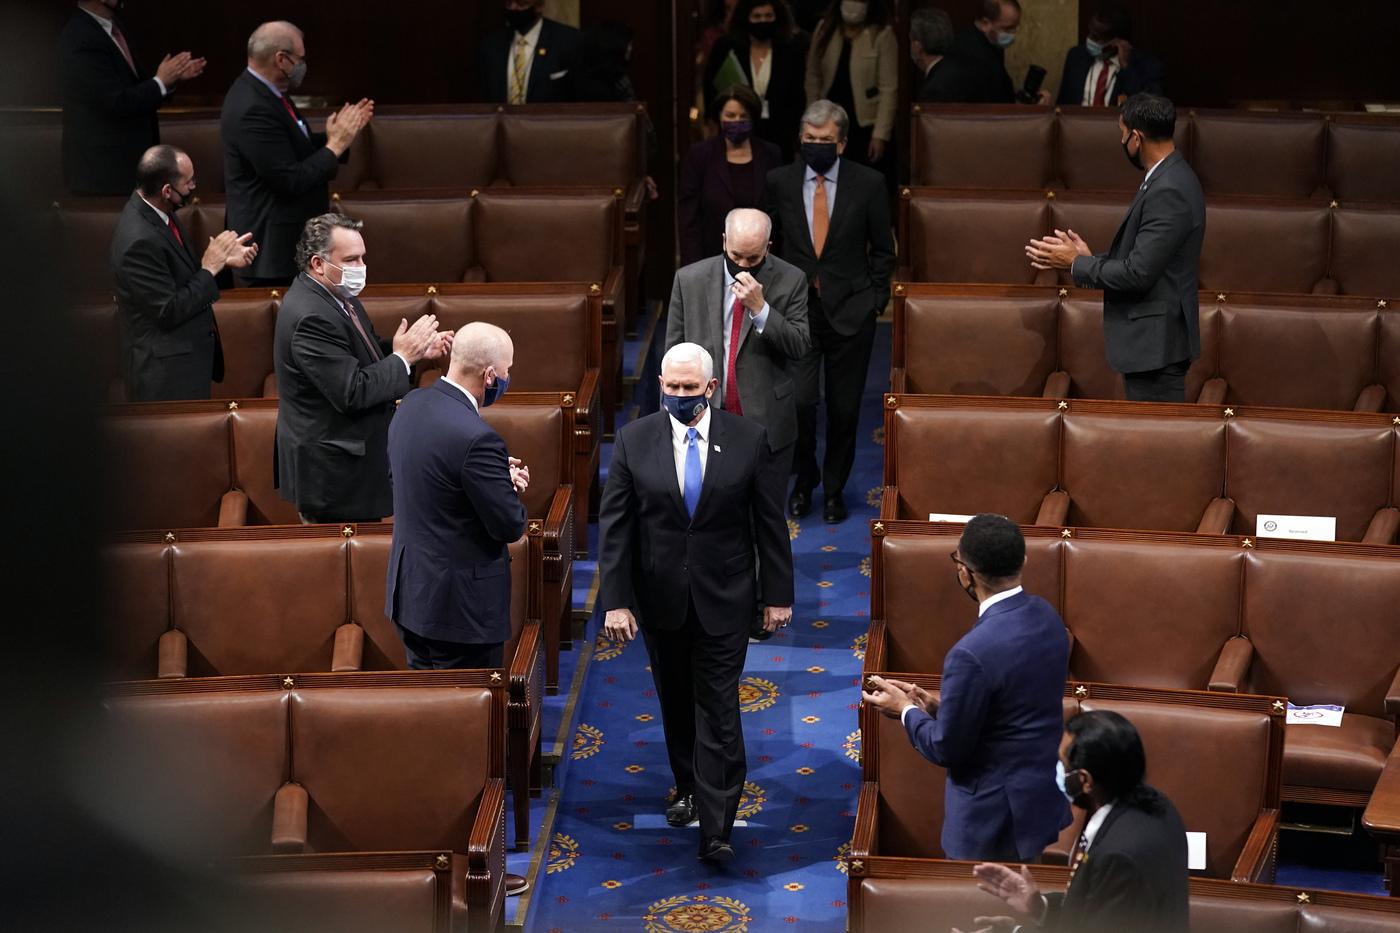 Washington DC, il Congresso statunitense riprende la seduta per certificare la vittoria di Joe Biden